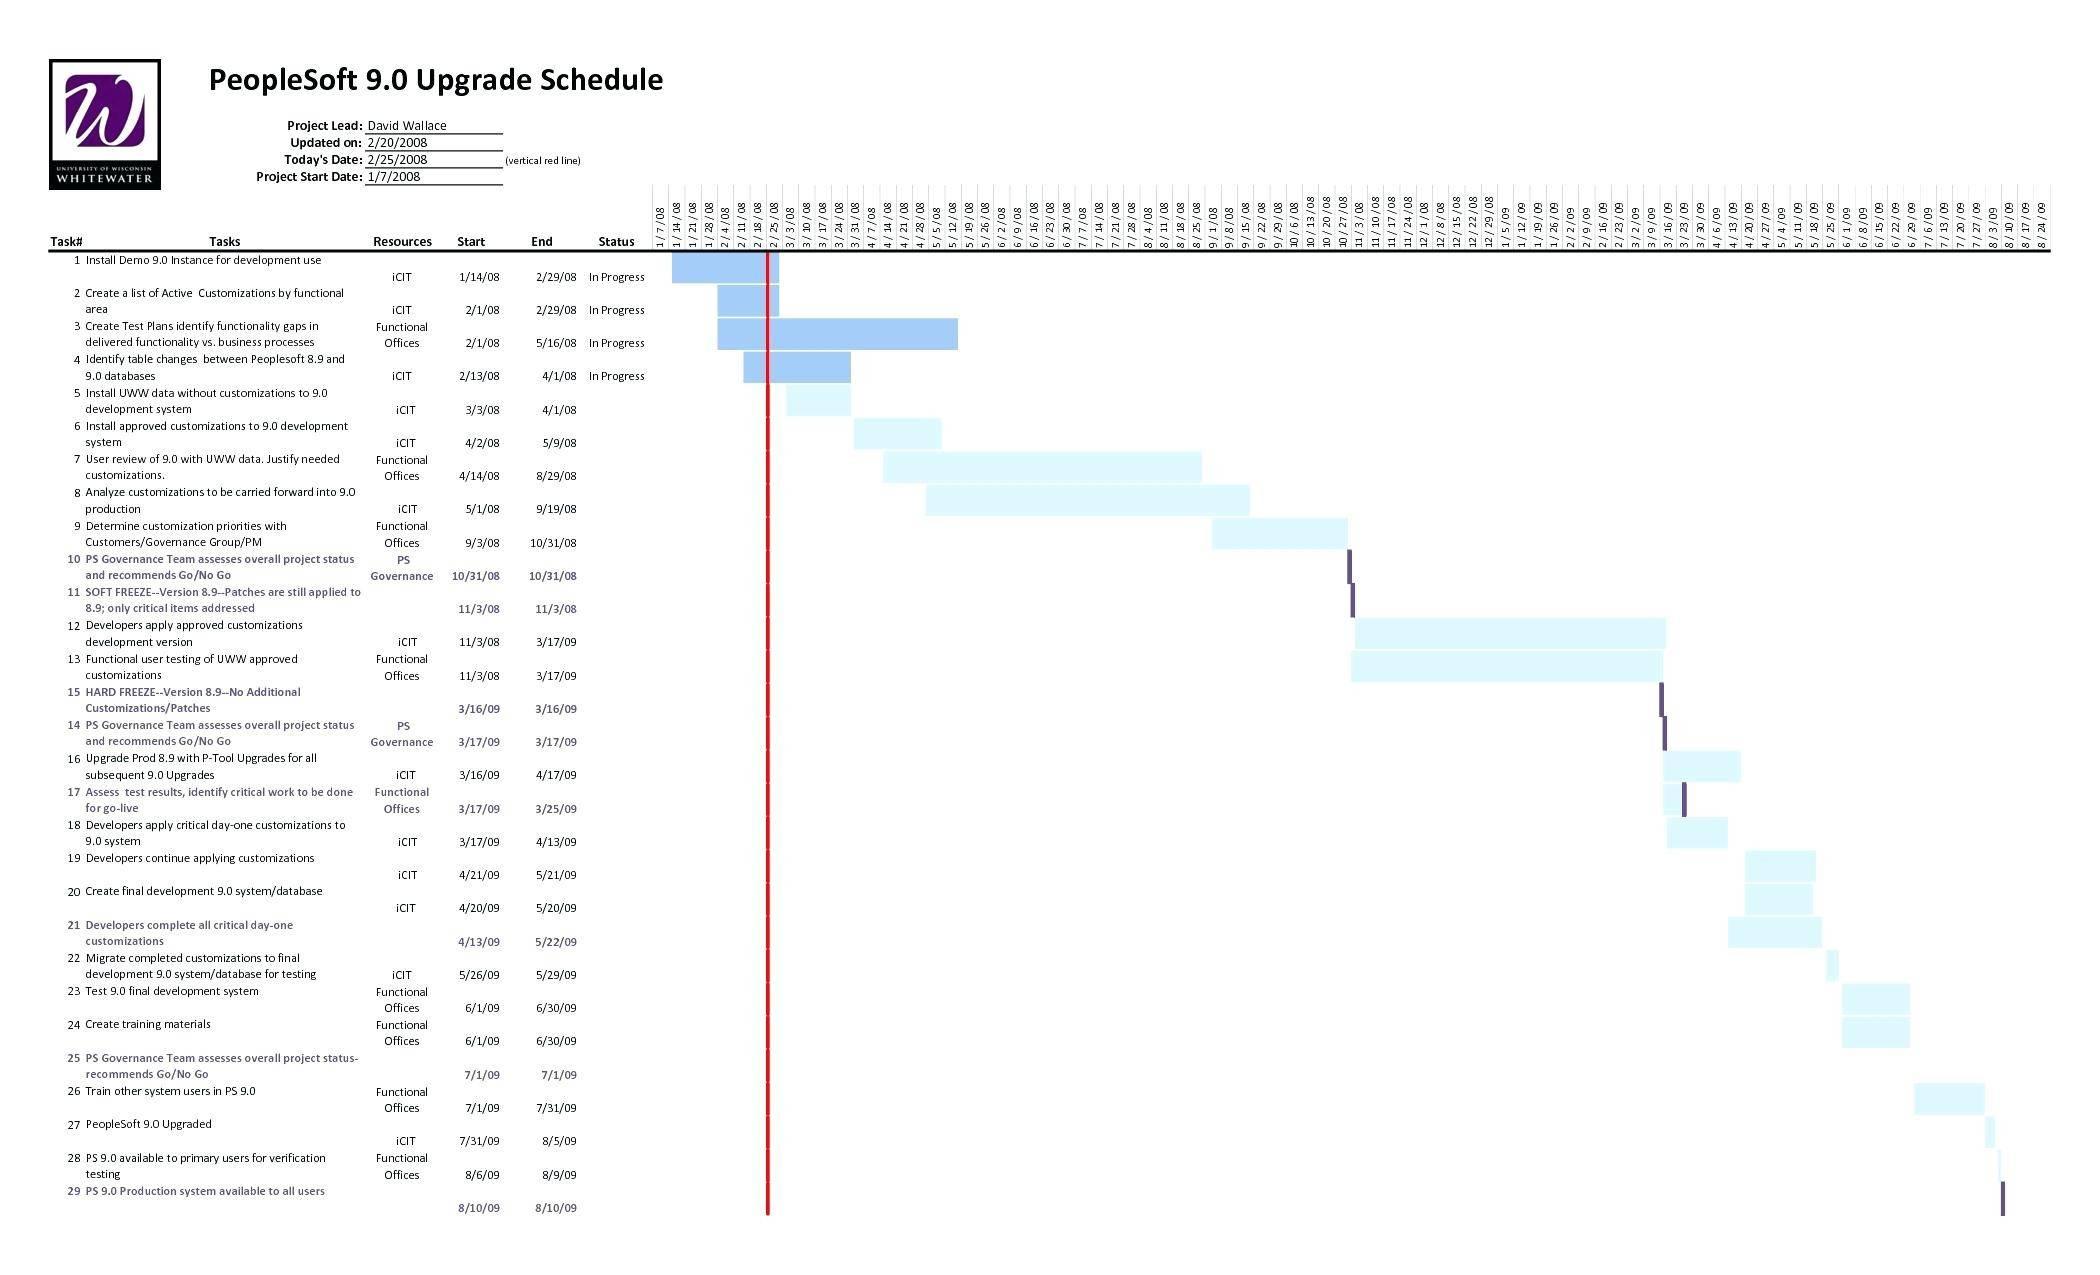 Research Project Gantt Chart Template